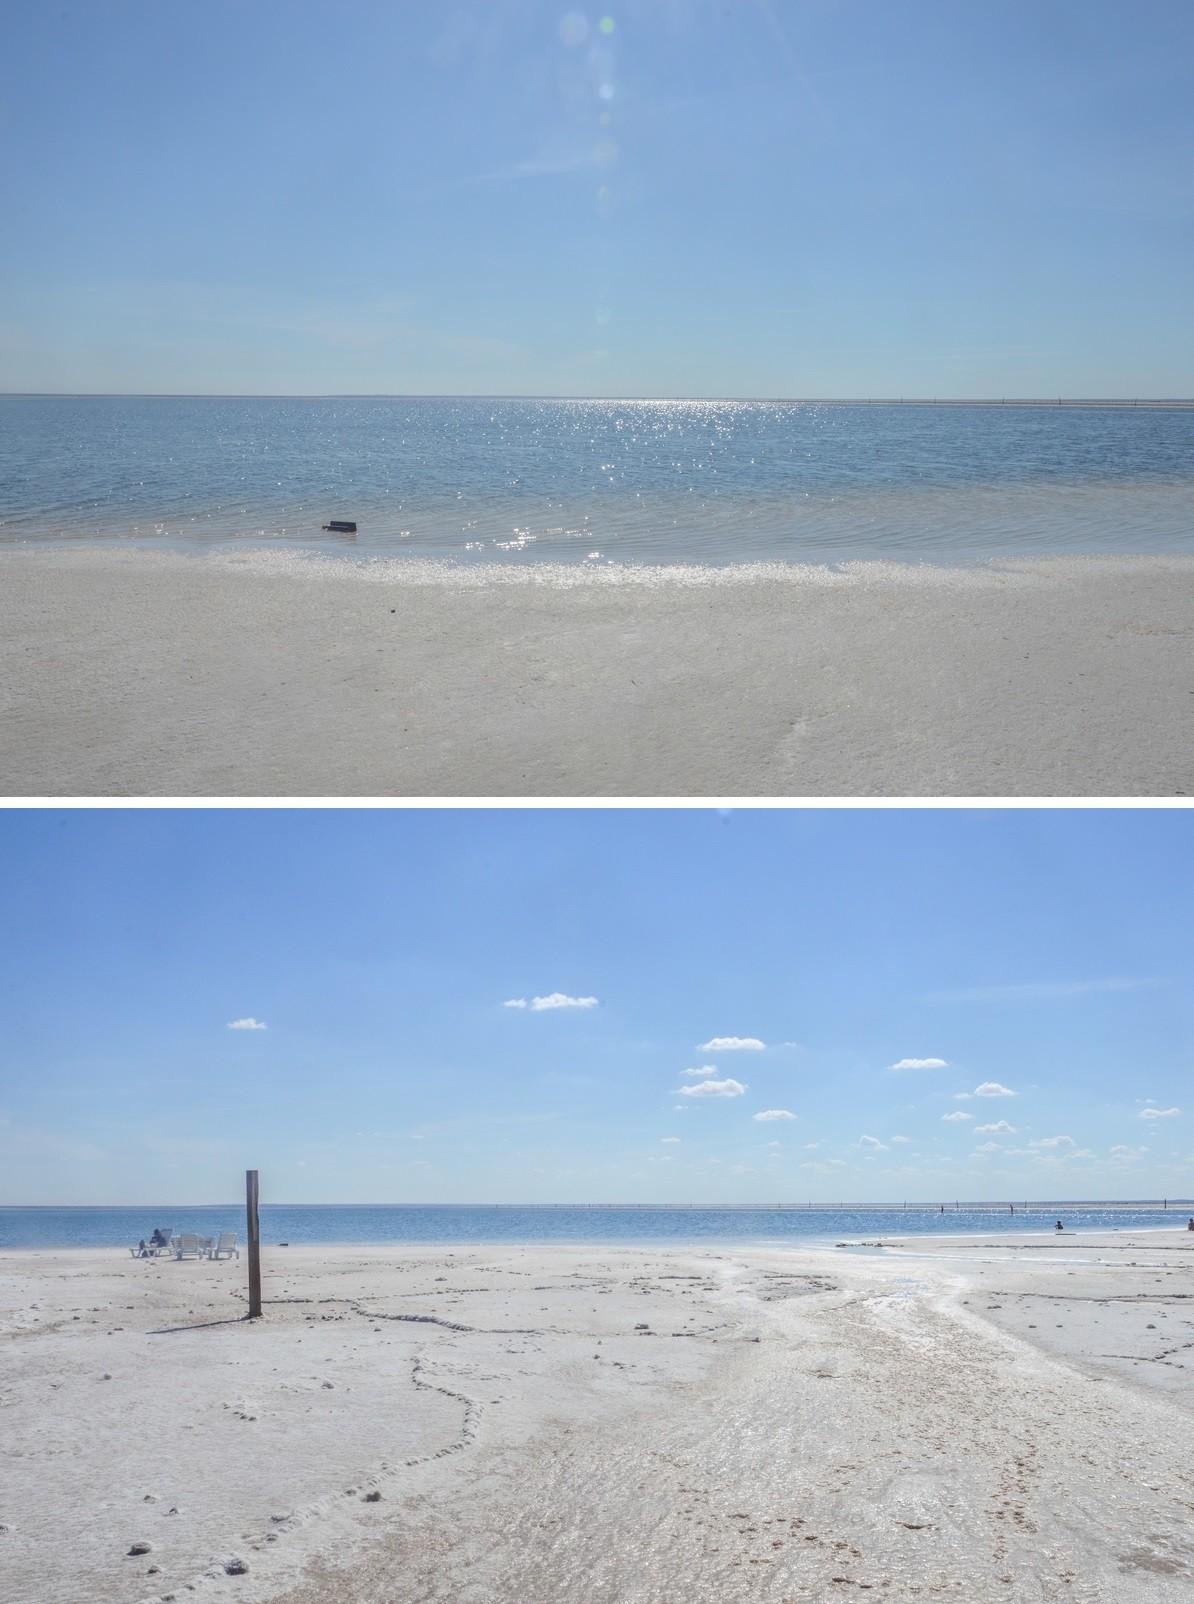 Dans les années 1960, à même la couche de sel durcie durant les mois les plus secs, fut également en son centre aménagée une piste automobile pour l'établissement de records de vitesse, à l'instar du célèbre lac Bonneville américain. Le record absolu d'URSS y sera enregistré à 311,4 km/h.